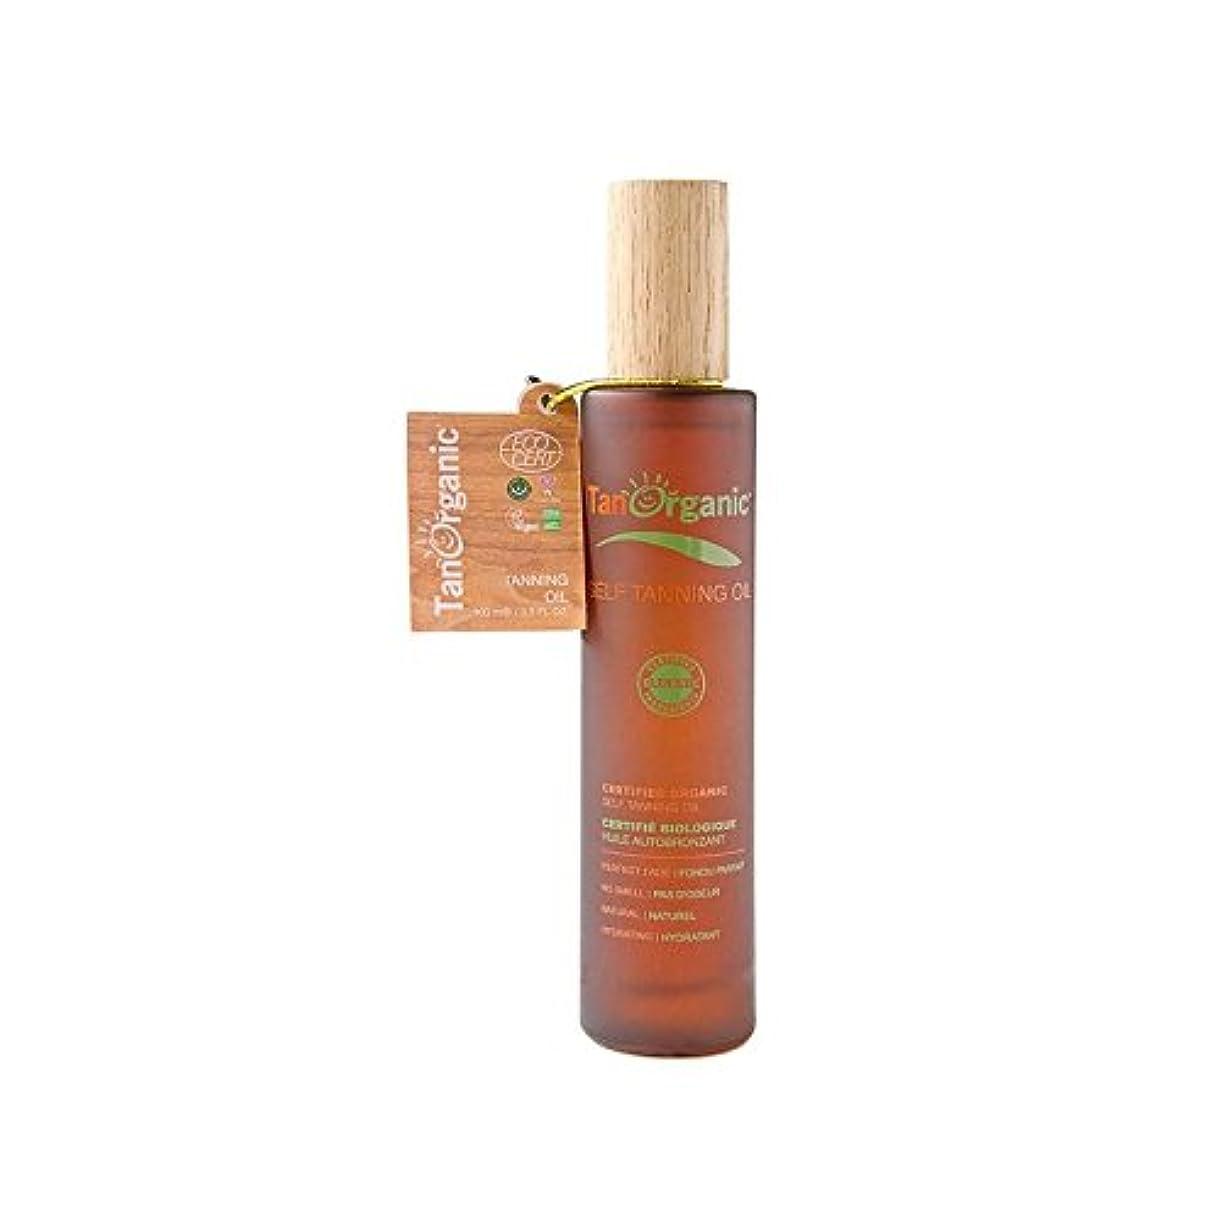 一部摂氏落胆するTanorganic自己日焼け顔&ボディオイル (Tan Organic) - TanOrganic Self-Tan Face & Body Oil [並行輸入品]